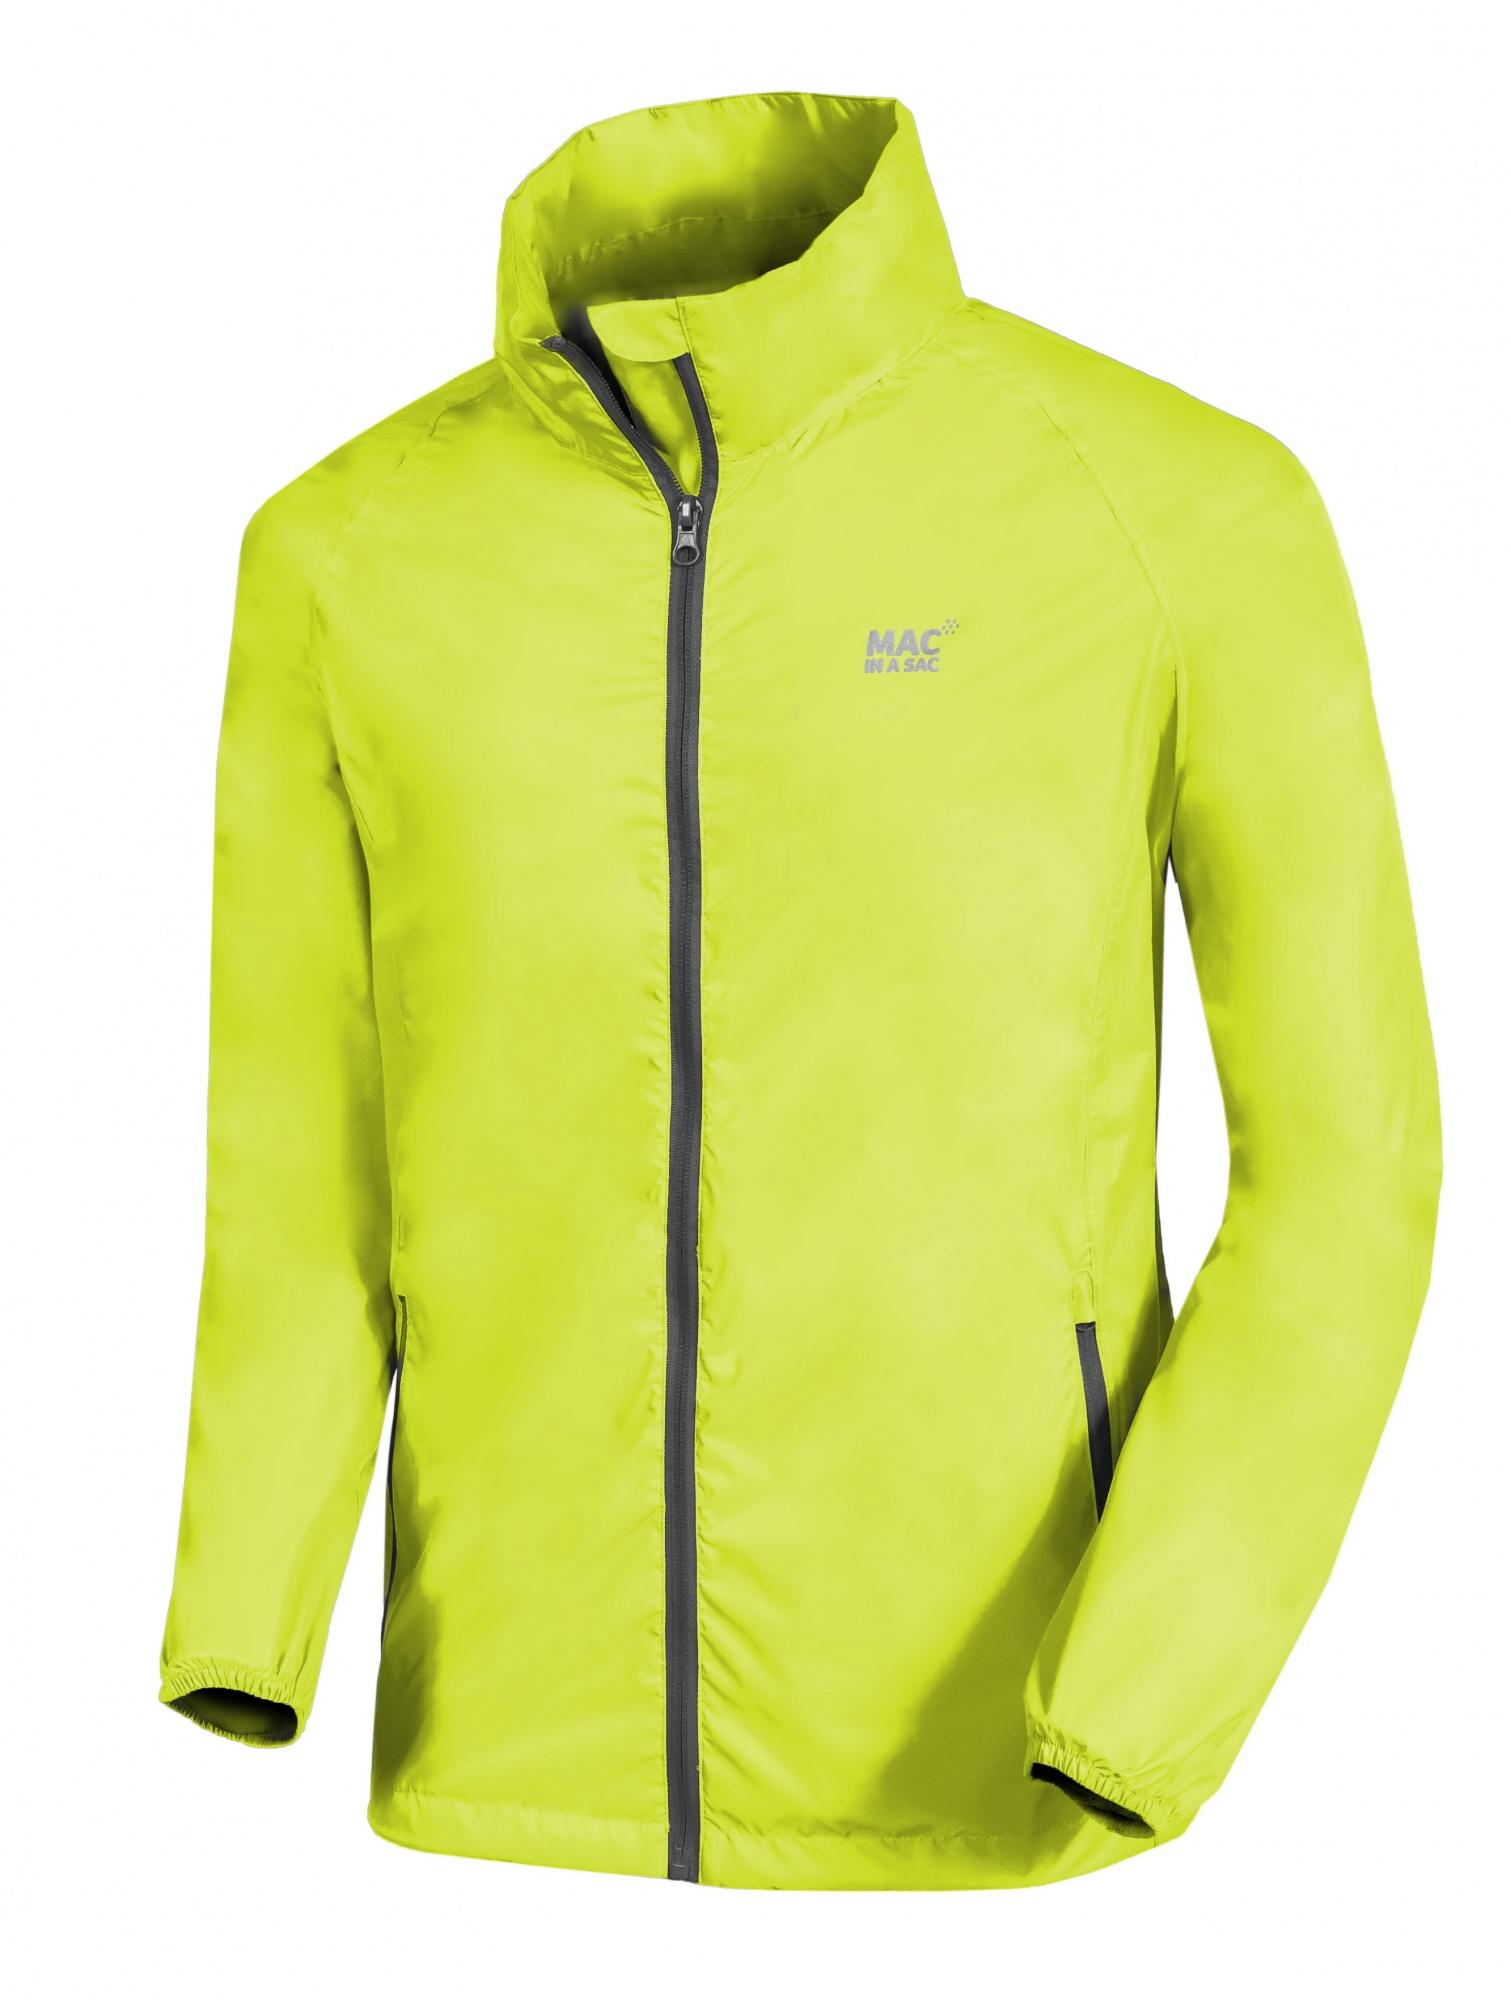 Mac in A Sac Raincoat Origin Unisex Lime - Internet-Sport&Casuals